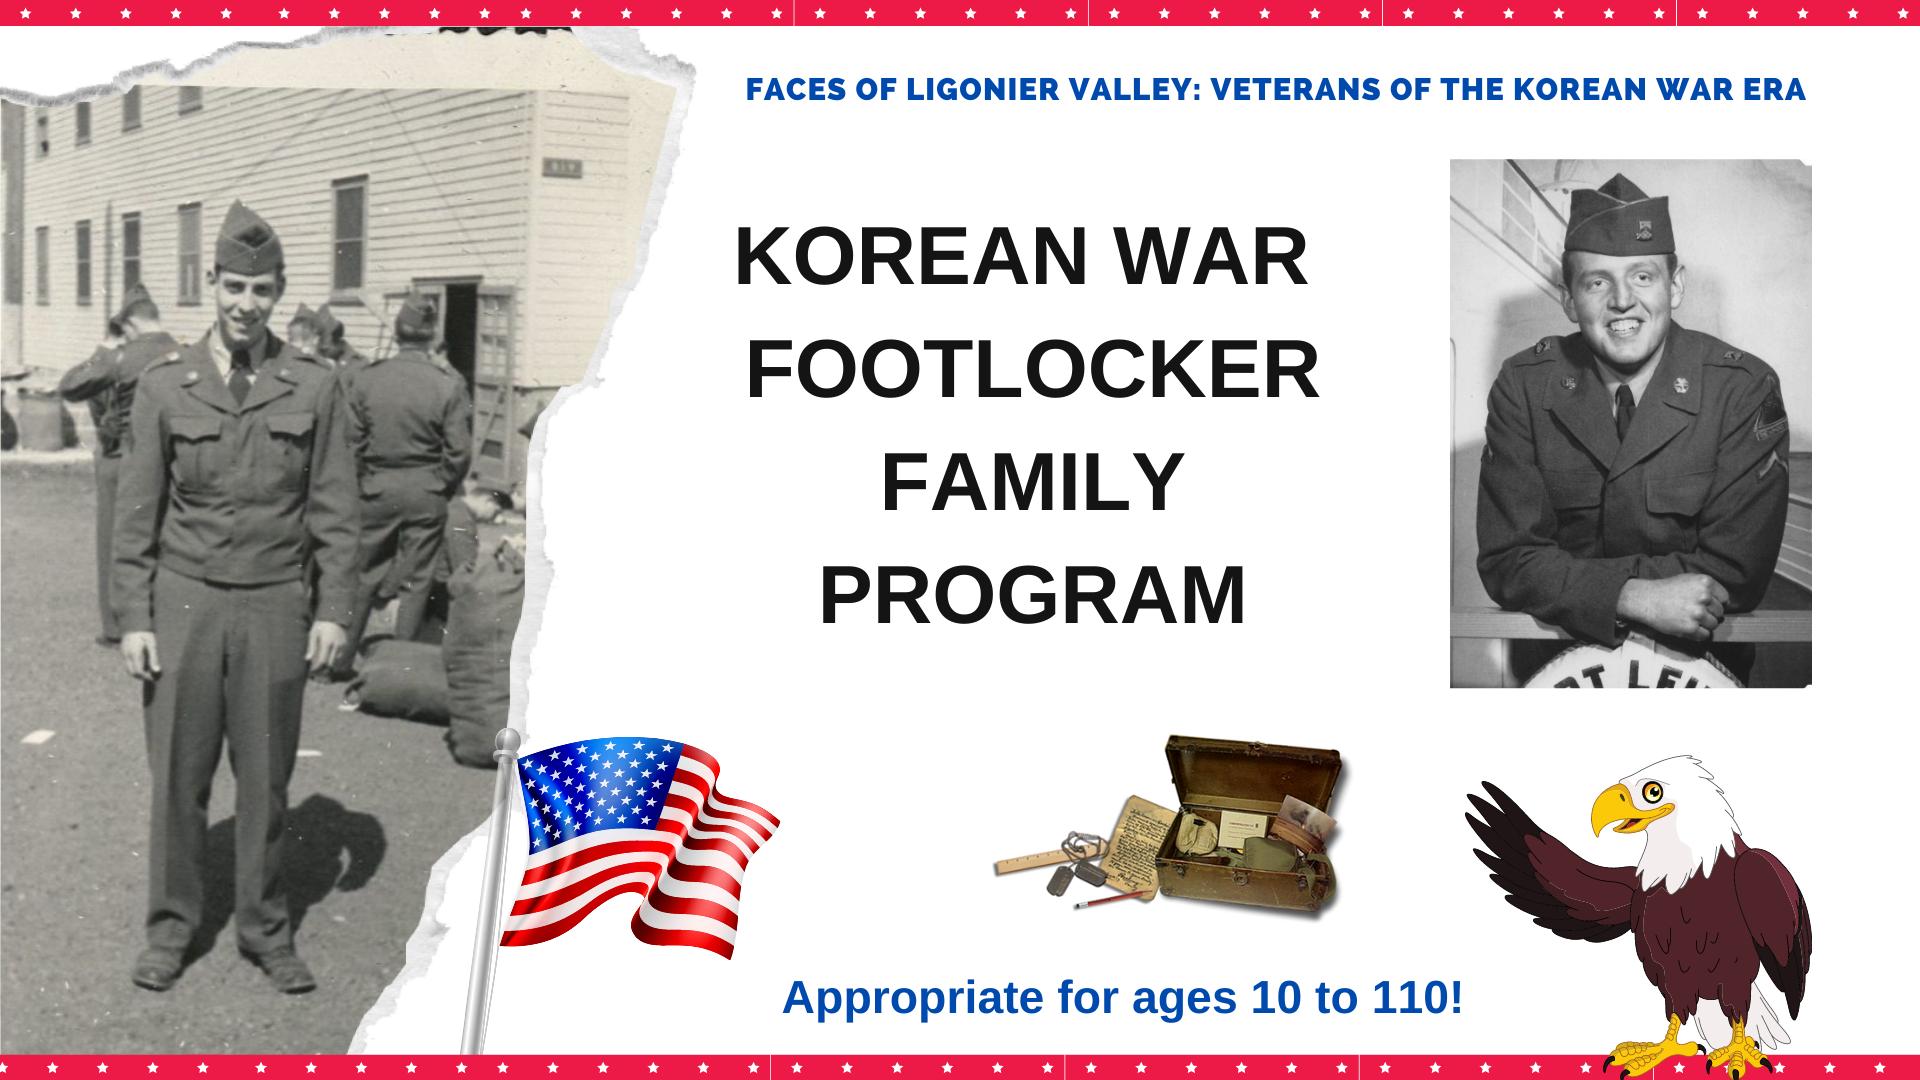 Korean War Footlocker Family Program